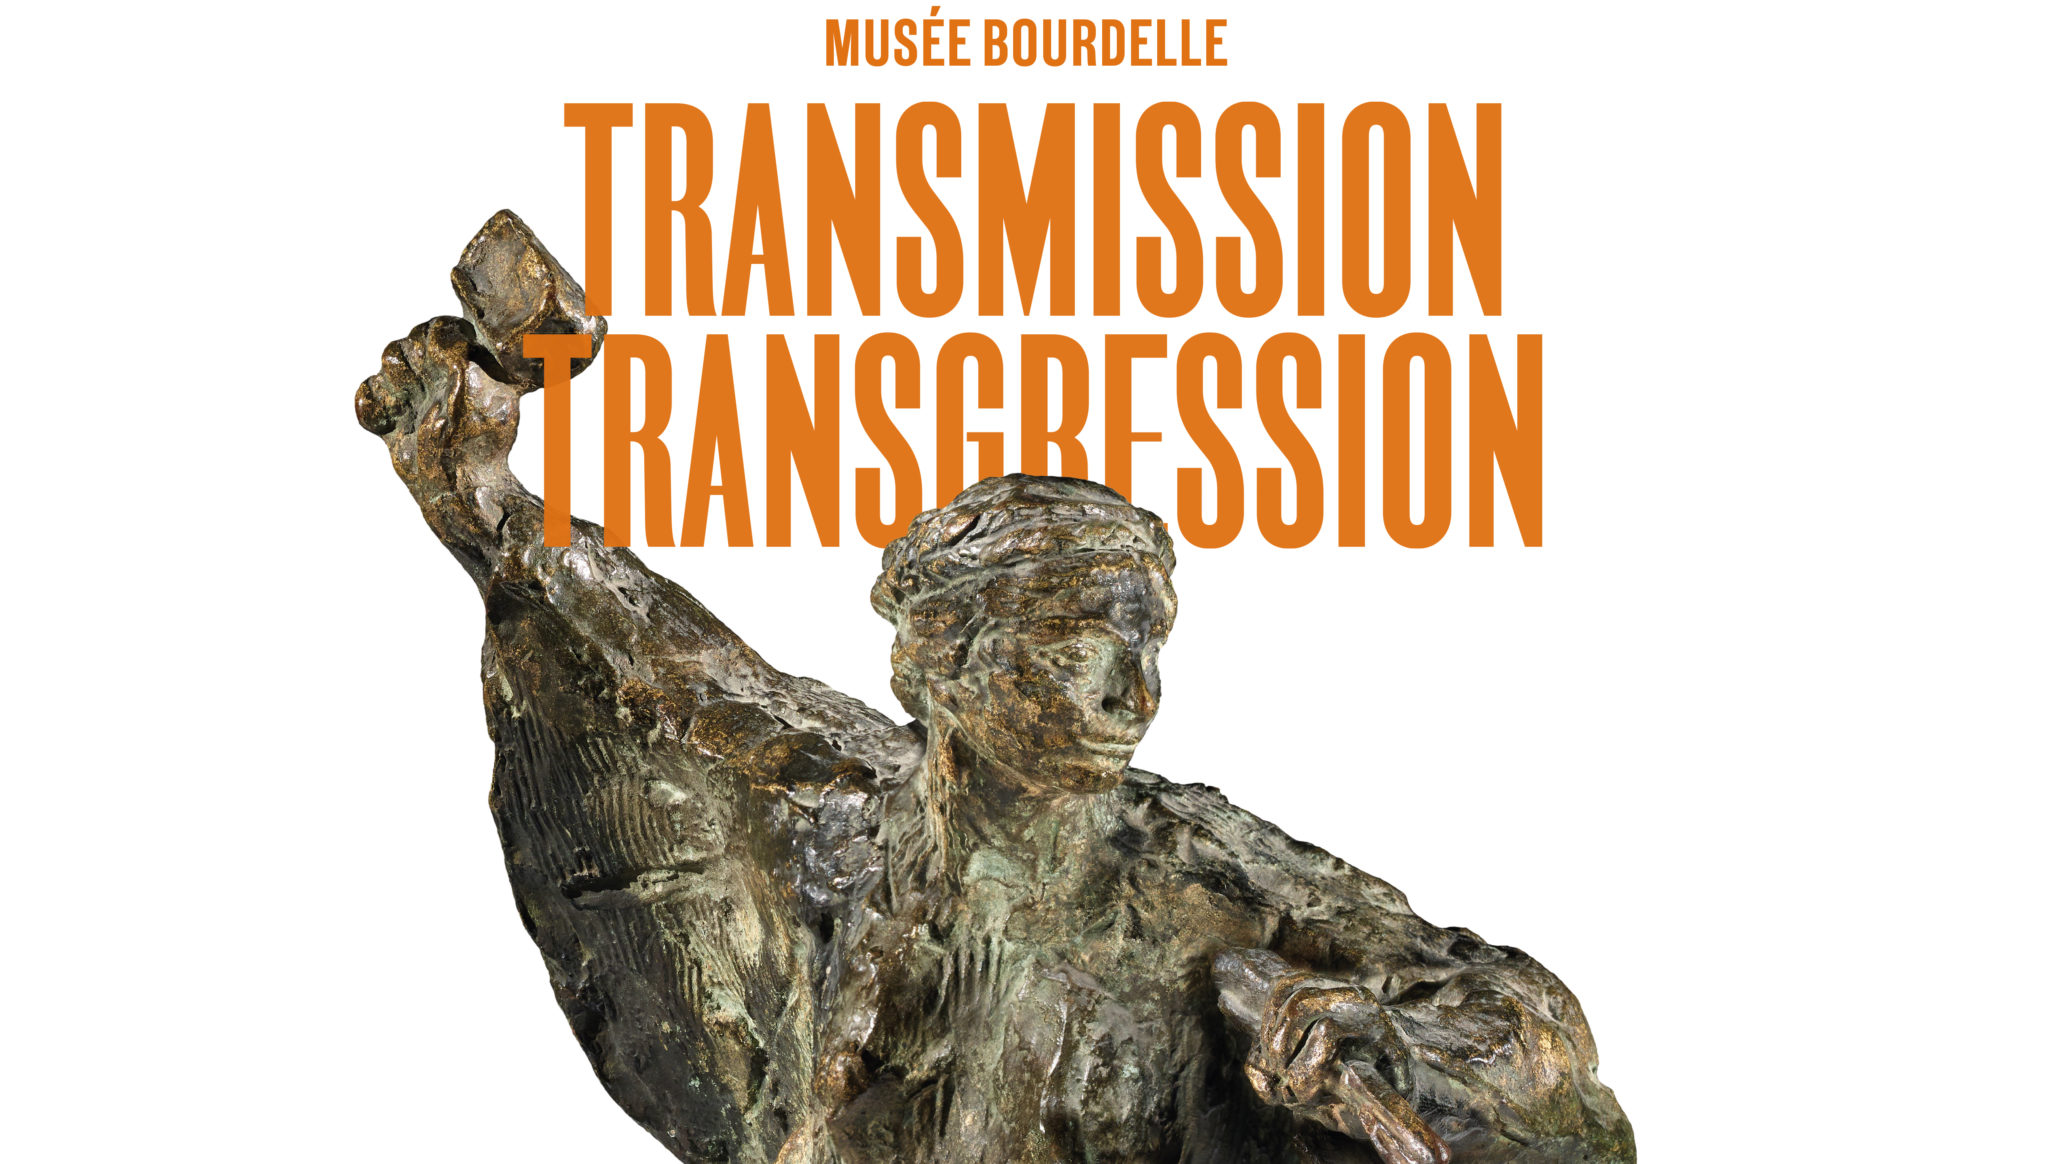 Exposition Transmission / Transgression au musée Bourdelle